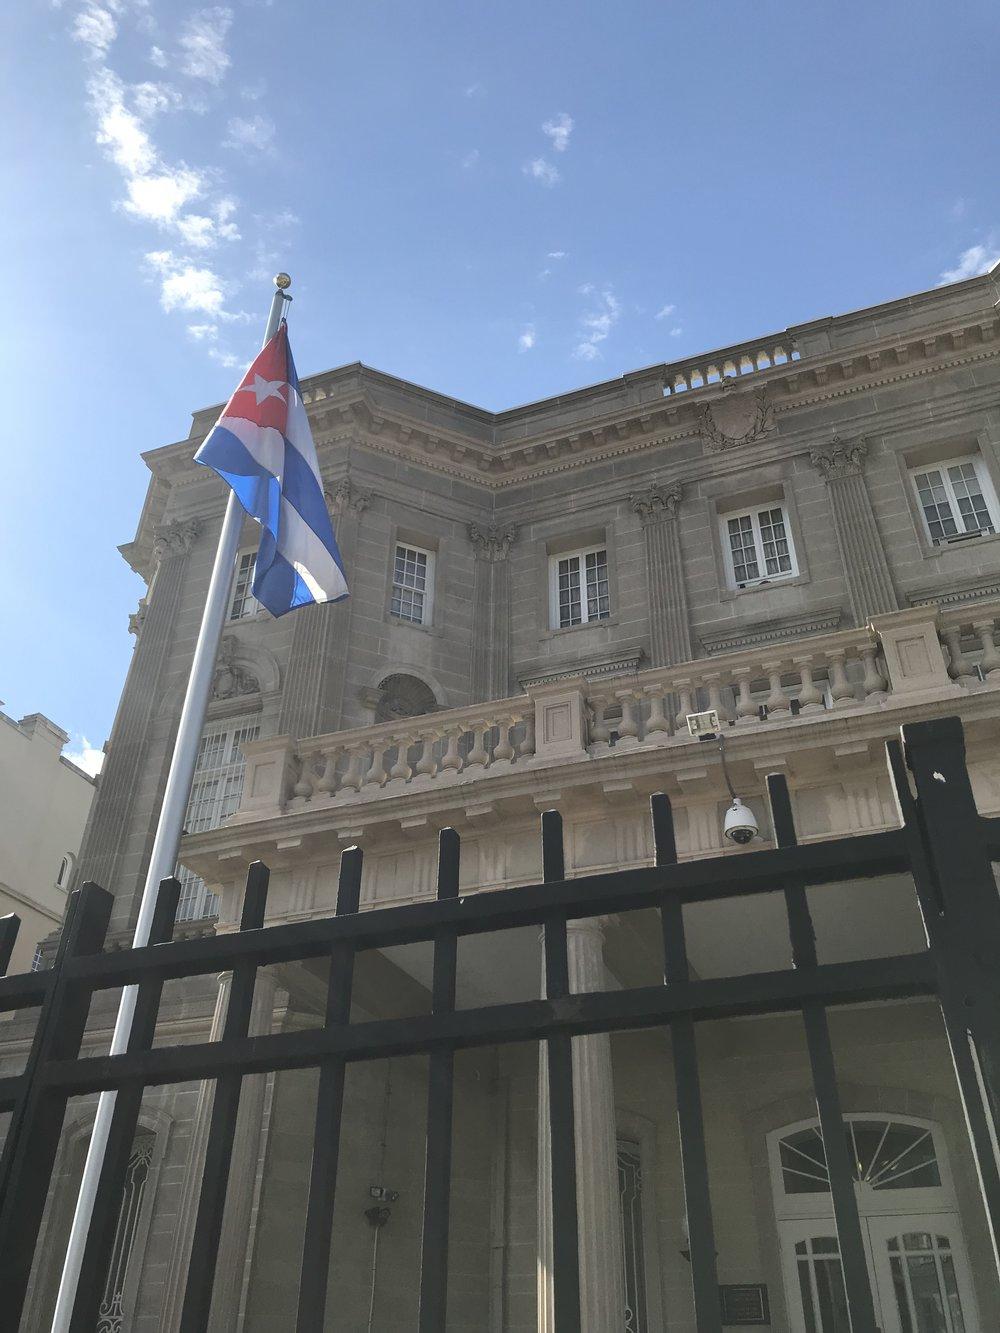 The Embassy of Cuba.